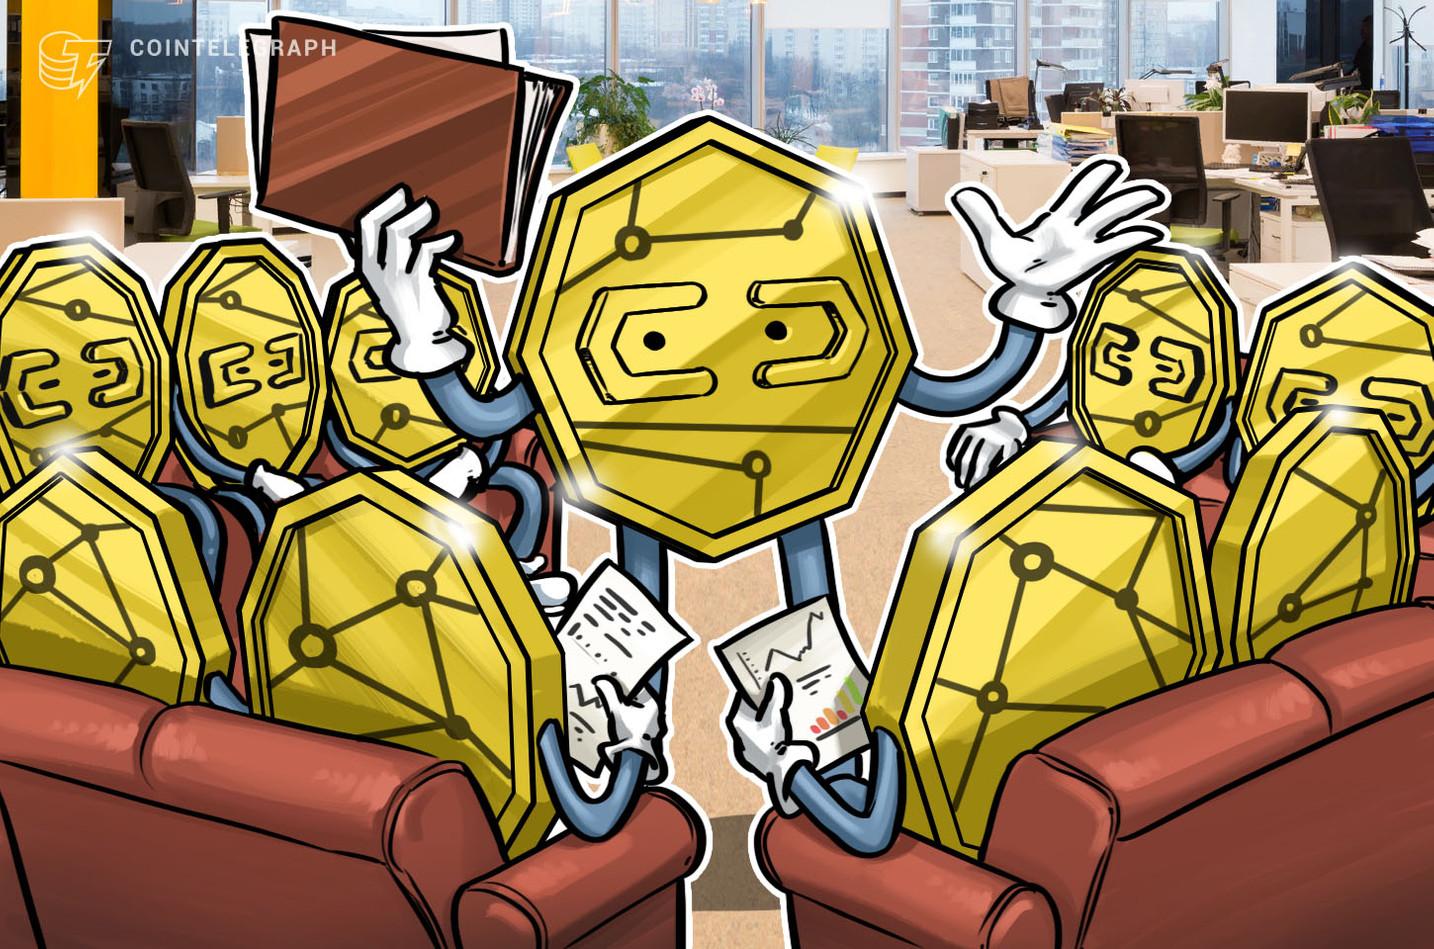 Ultima hora: Circle Internet Financial lanza Criptomoneda estable 'USD Coin'